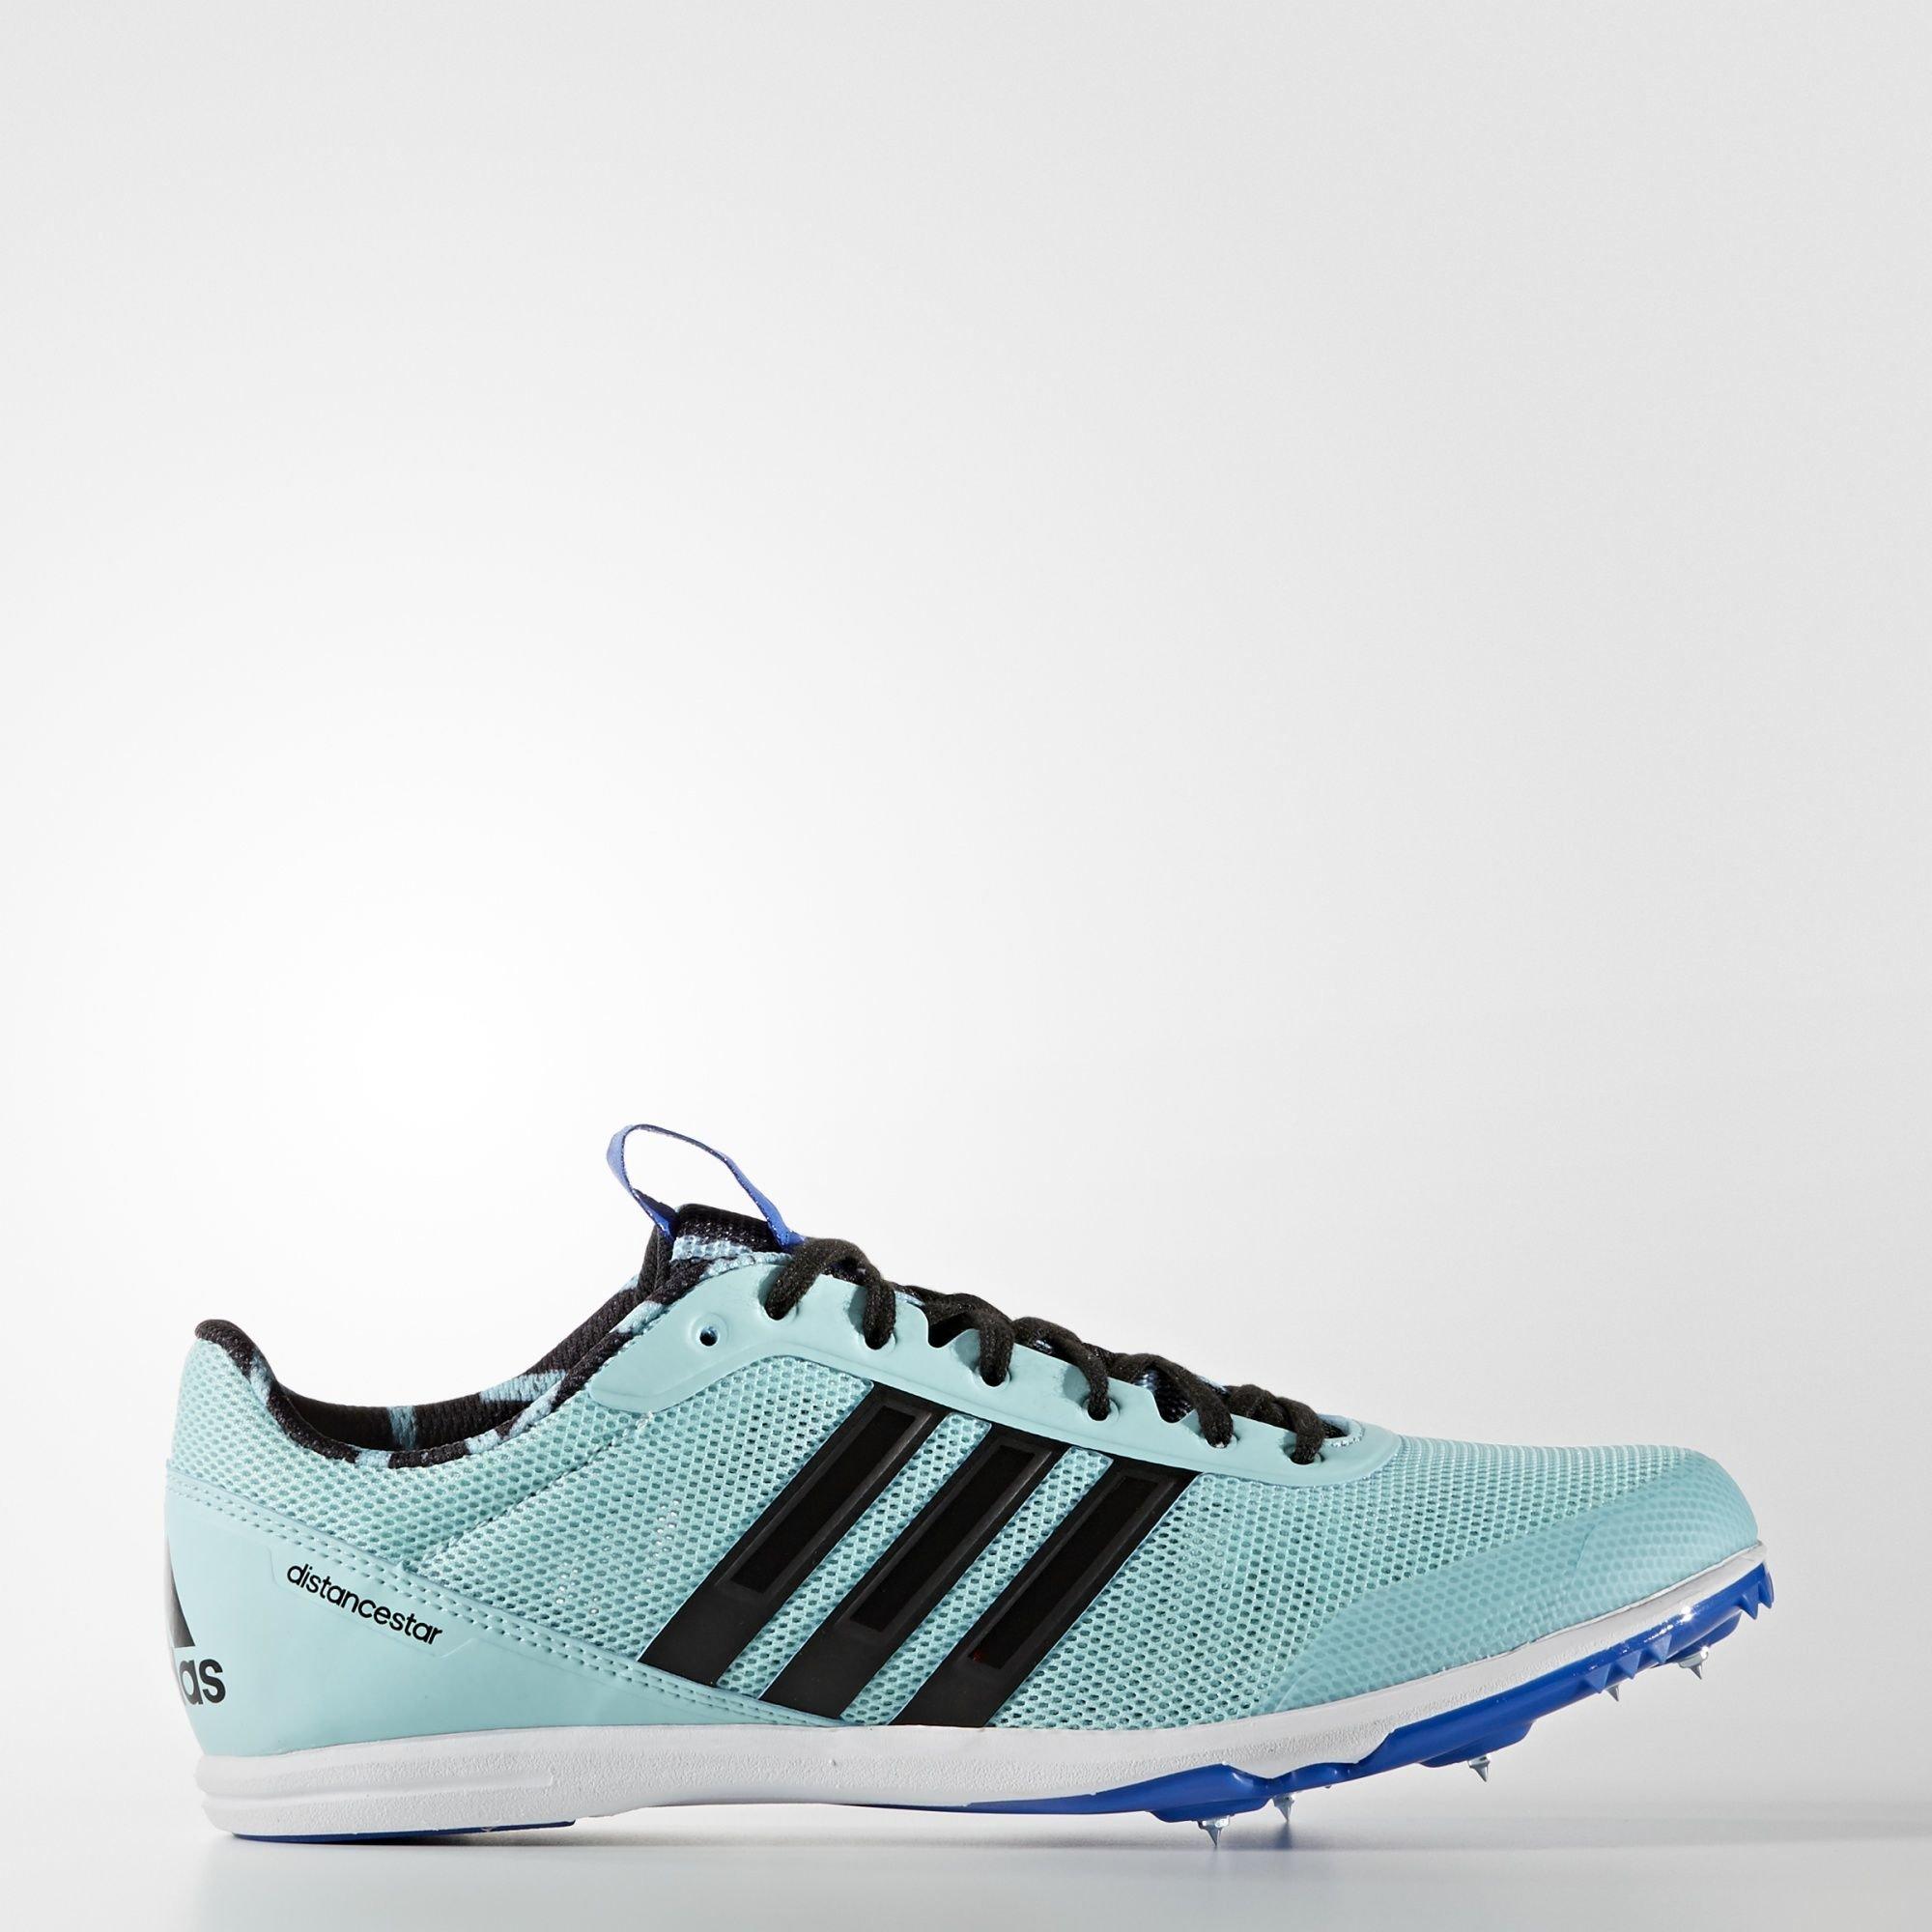 Шиповки для легкой атлетики distancestar adidas Performance clear aqua / core black / blue